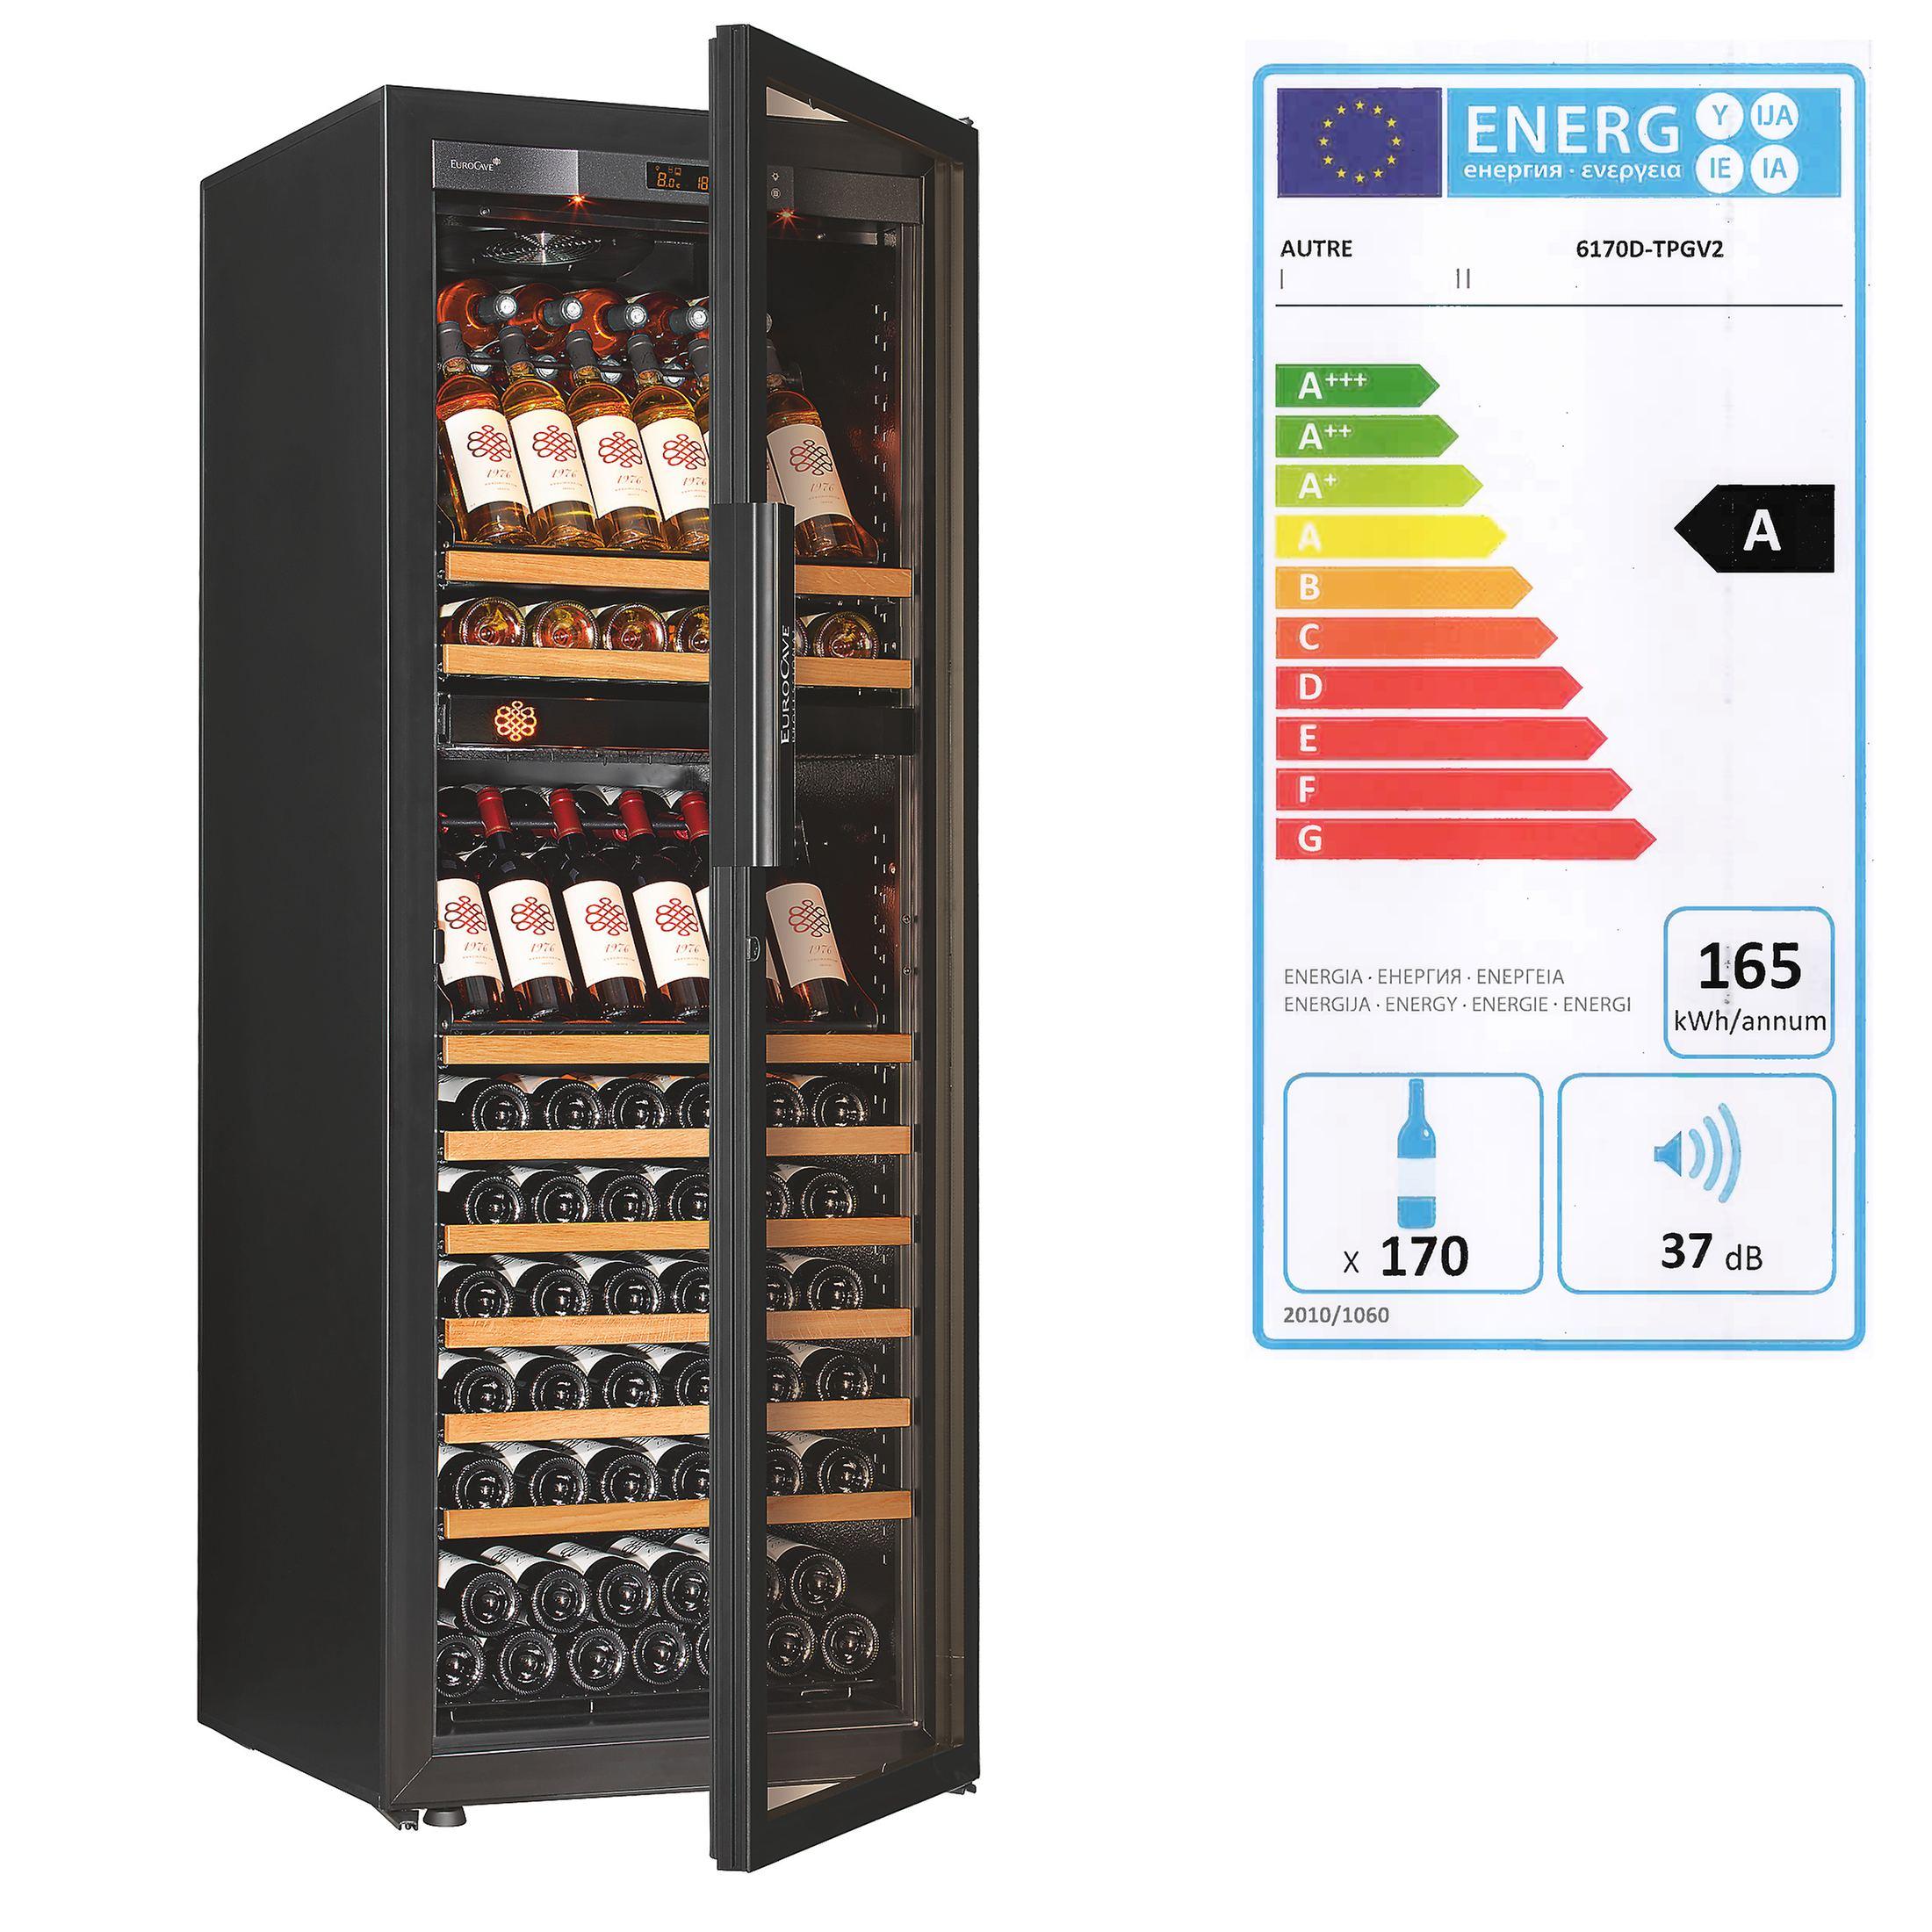 Zweizonen-Weinklimaschrank DUAL ZONE für 150 Flaschen